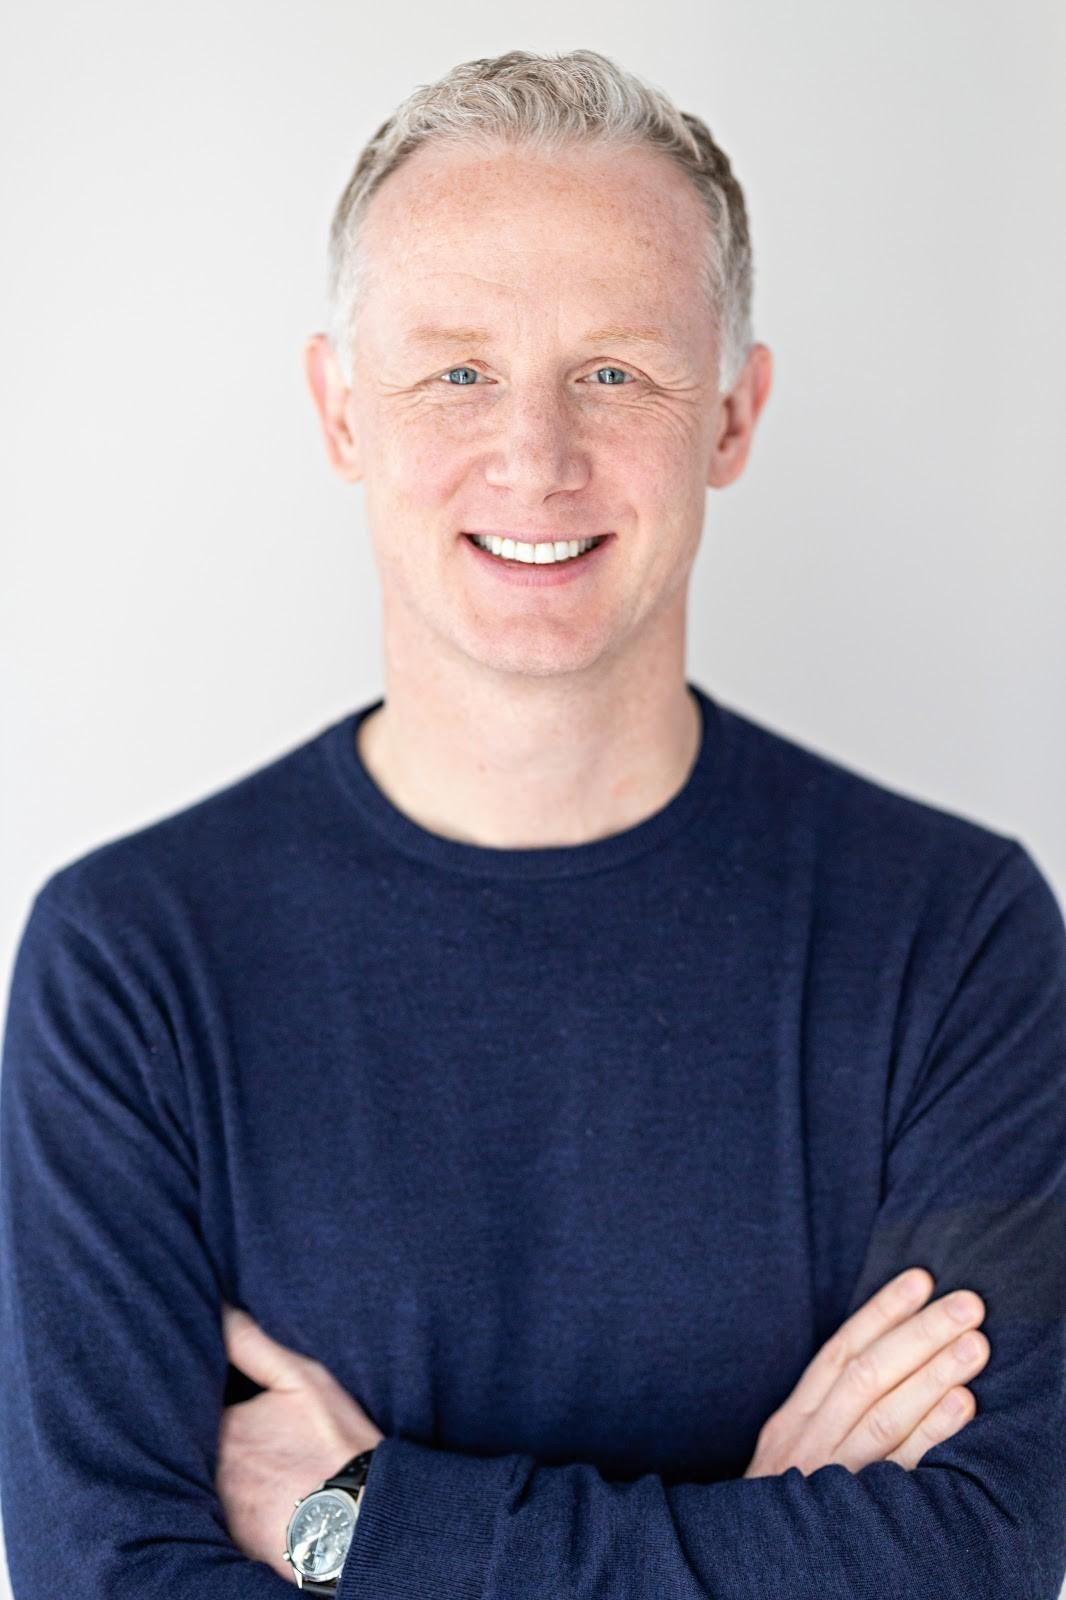 Ben McOwen Wilson